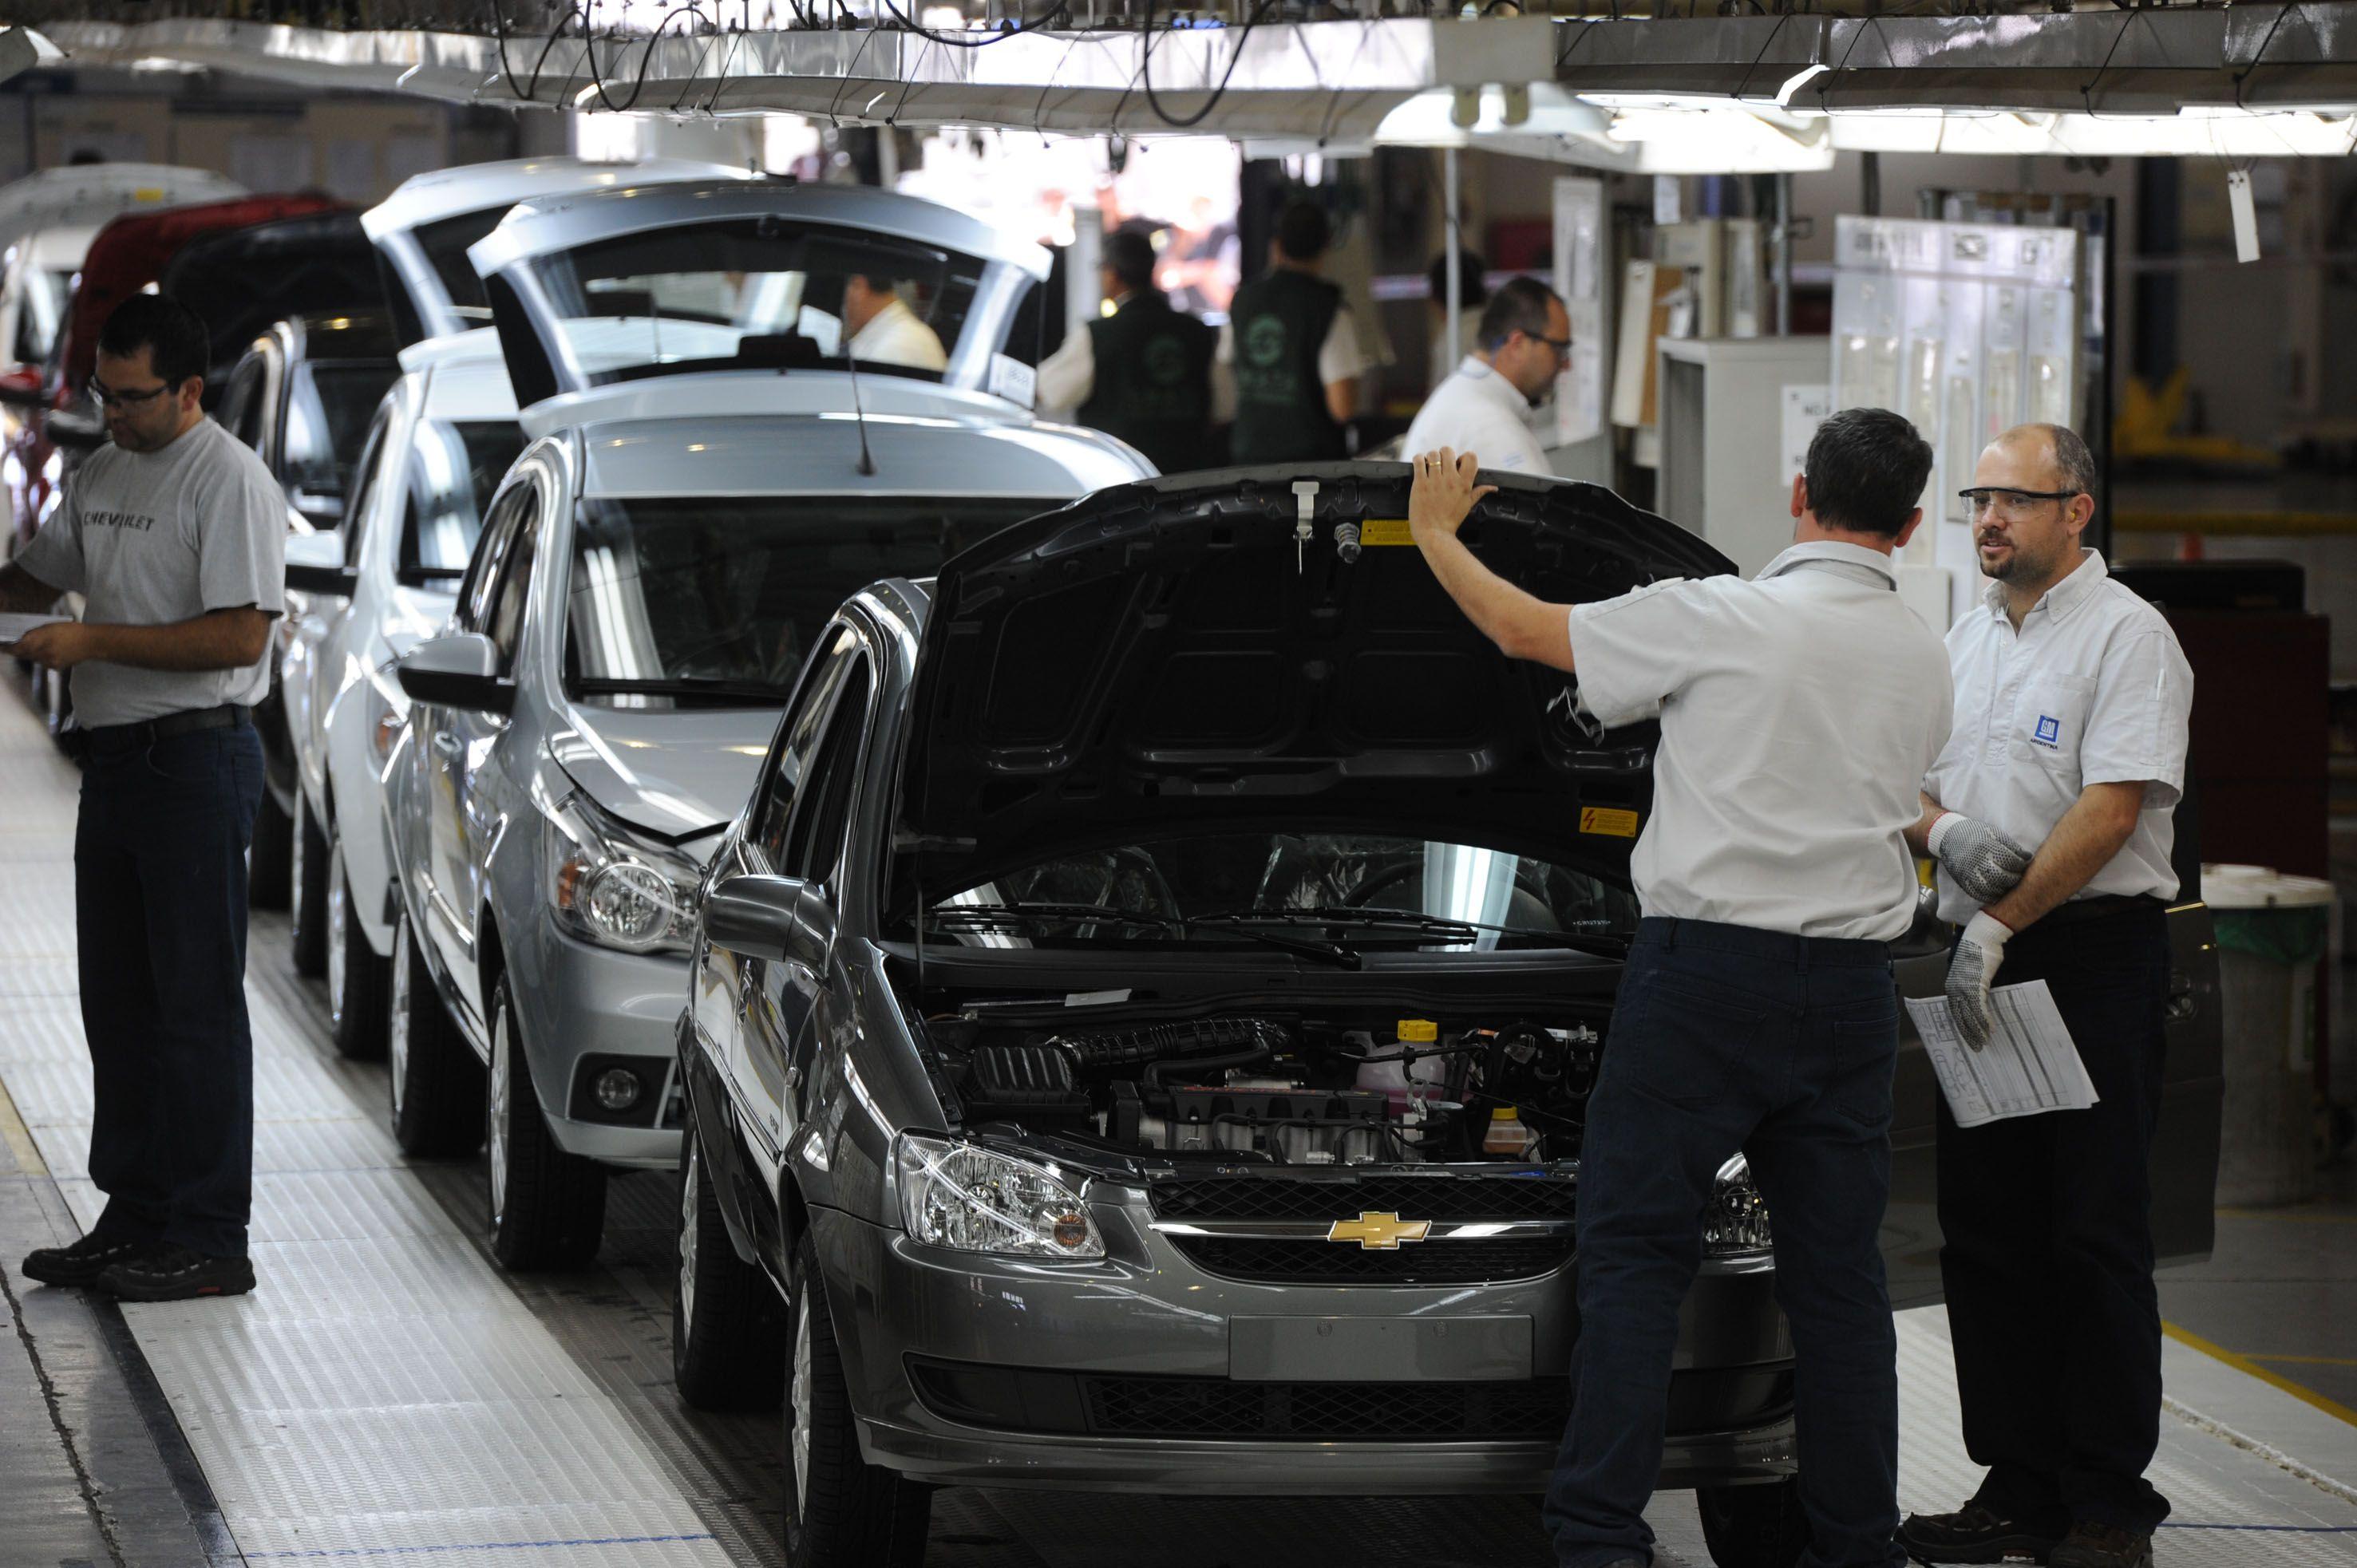 Los empleados producen actualmente 29 vehículos por hora en General Motors. (Foto: N. Juncos)